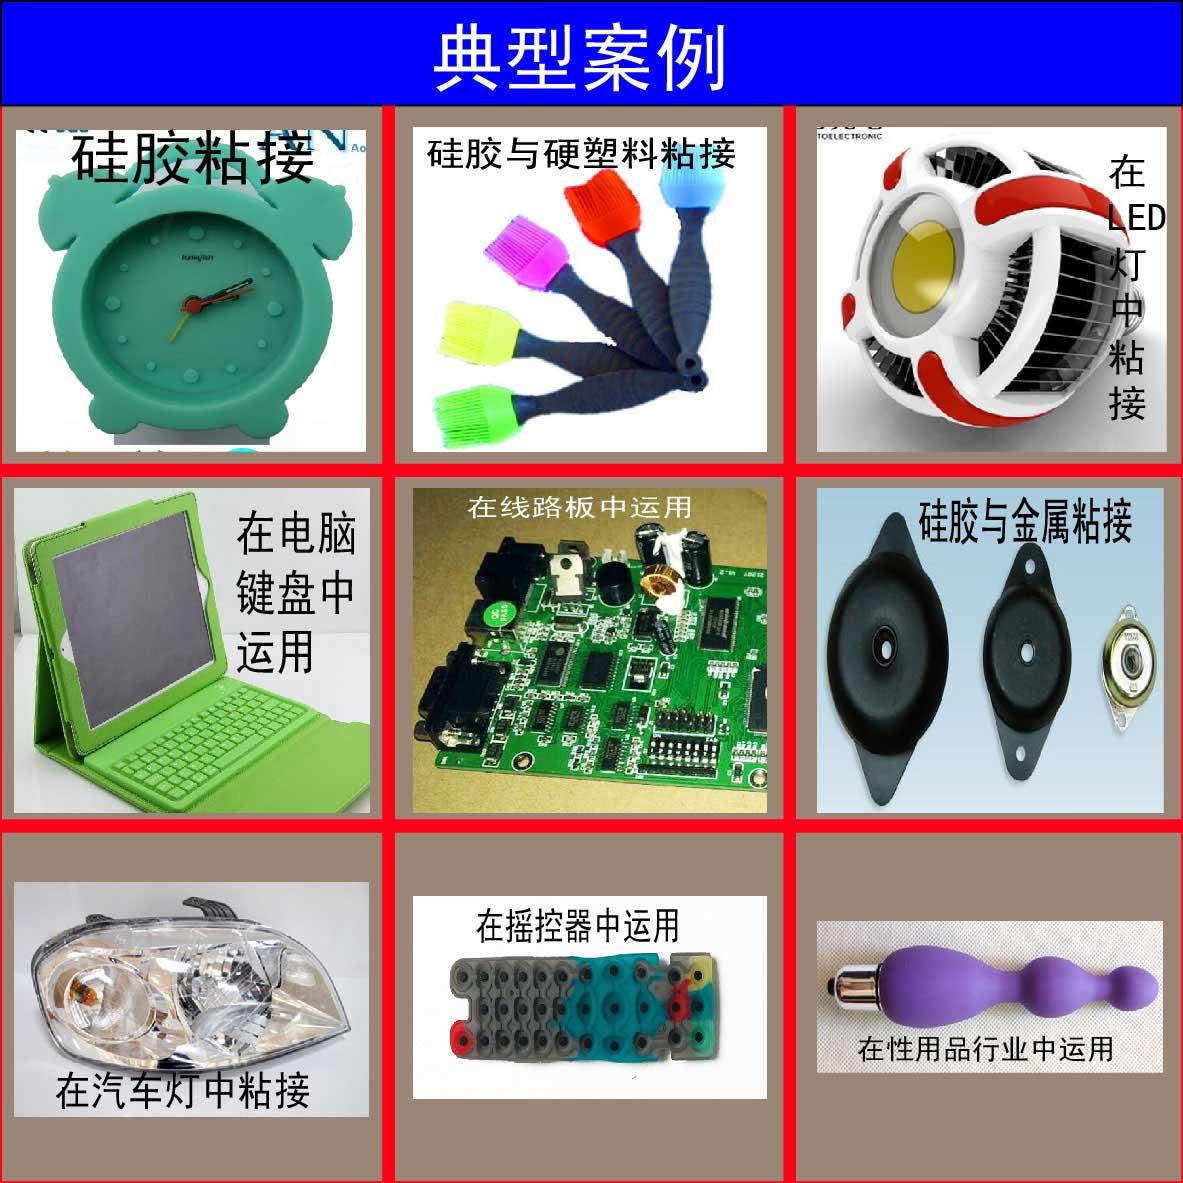 沙伯基础创新PCABS(中国一级代理商)